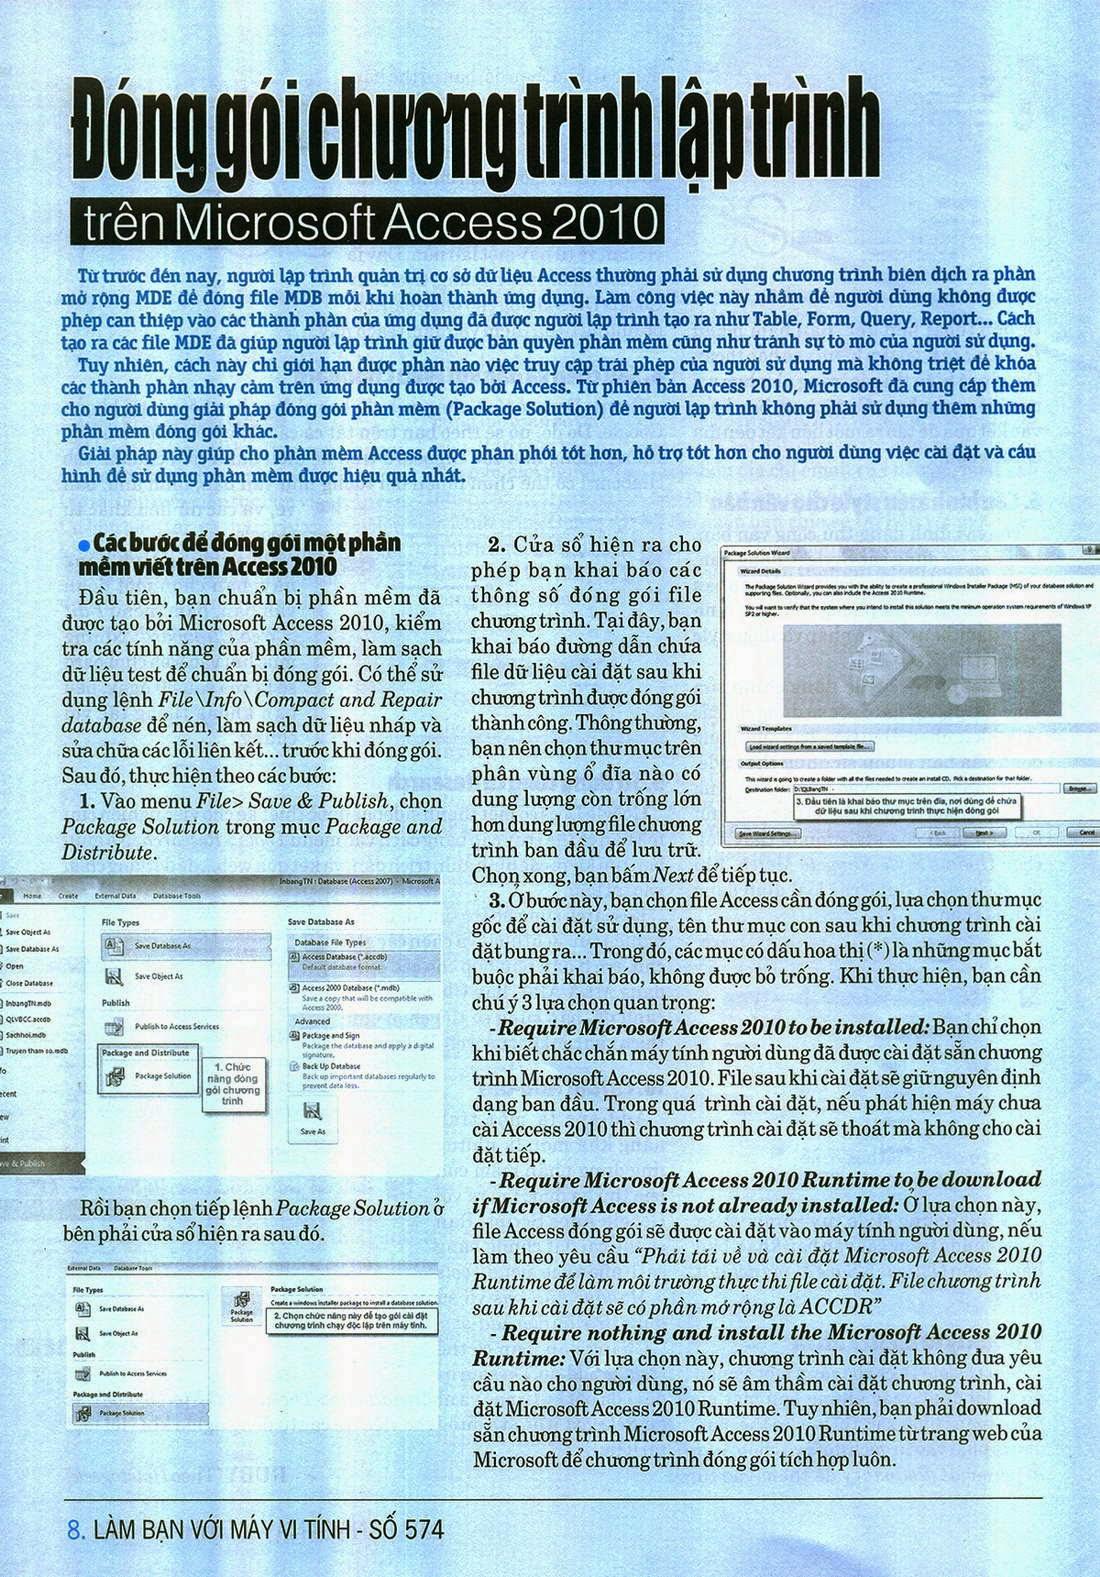 Làm Bạn Với Máy Vi Tính 574 tapchicntt.com